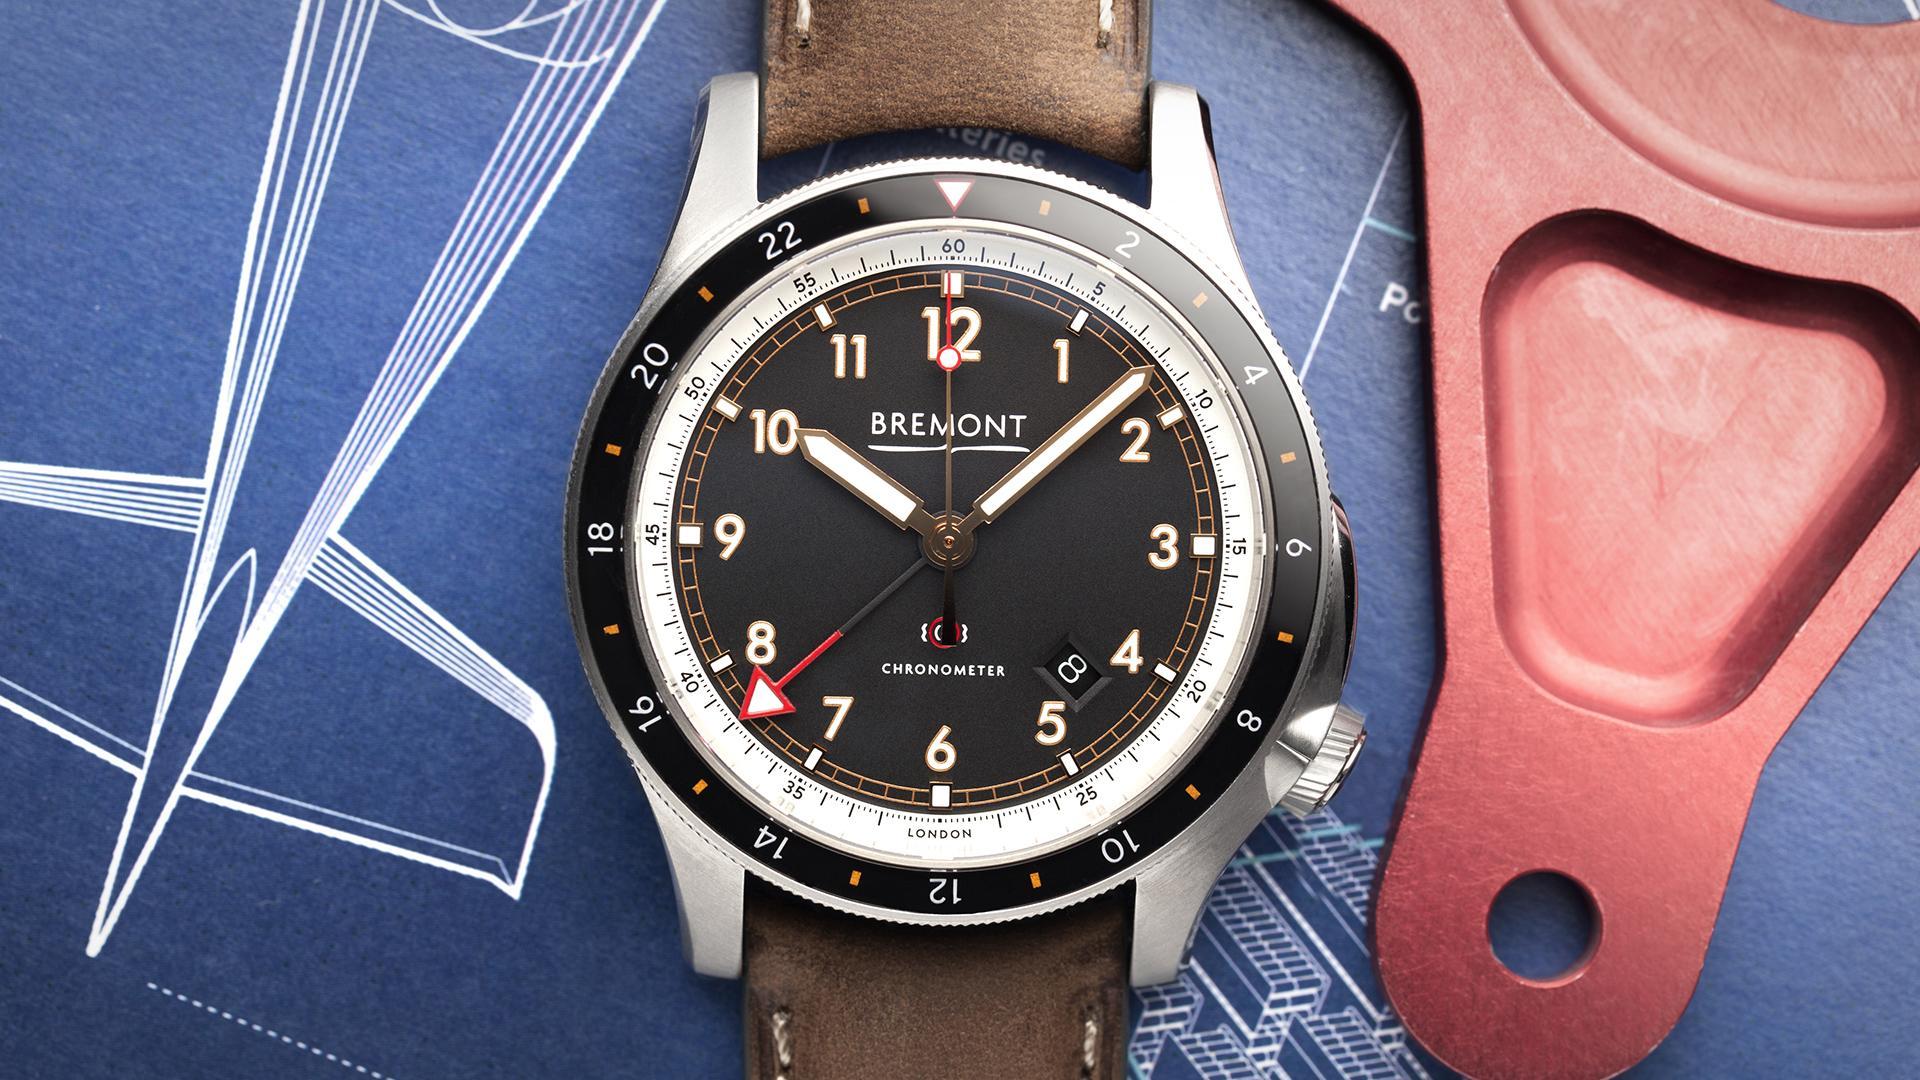 Bremont independent watchmaker